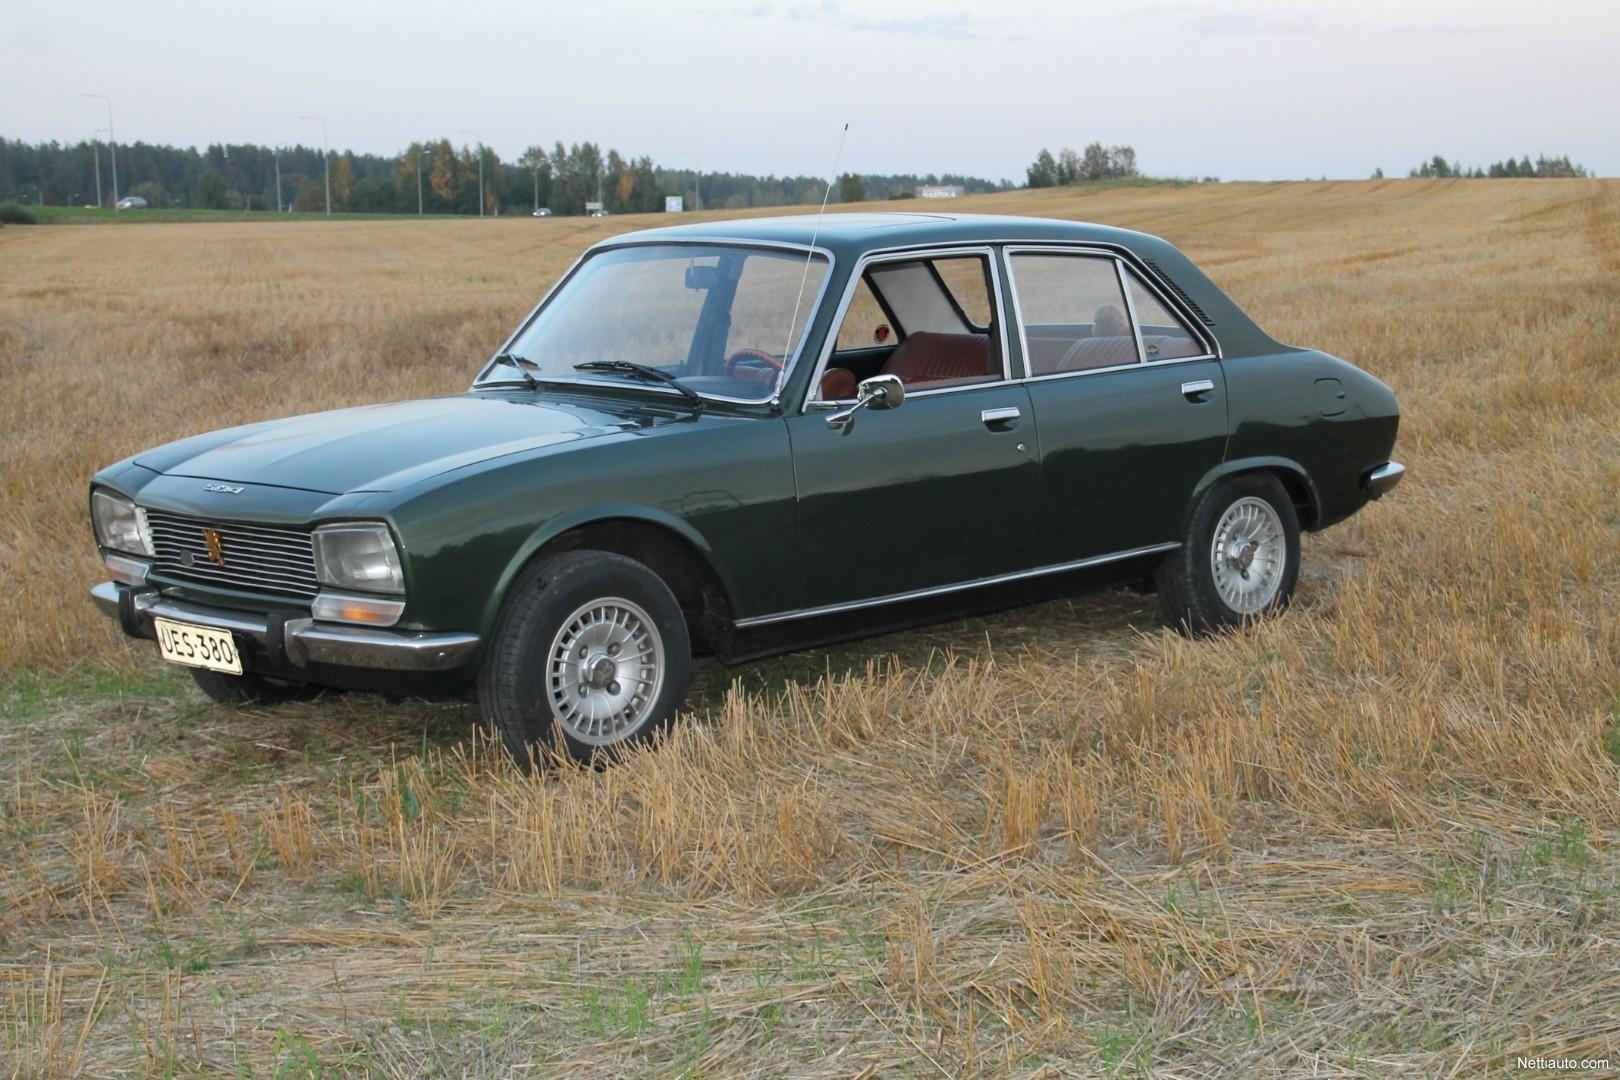 Peugeot-504-de7c777ff5b414a1-large.jpg